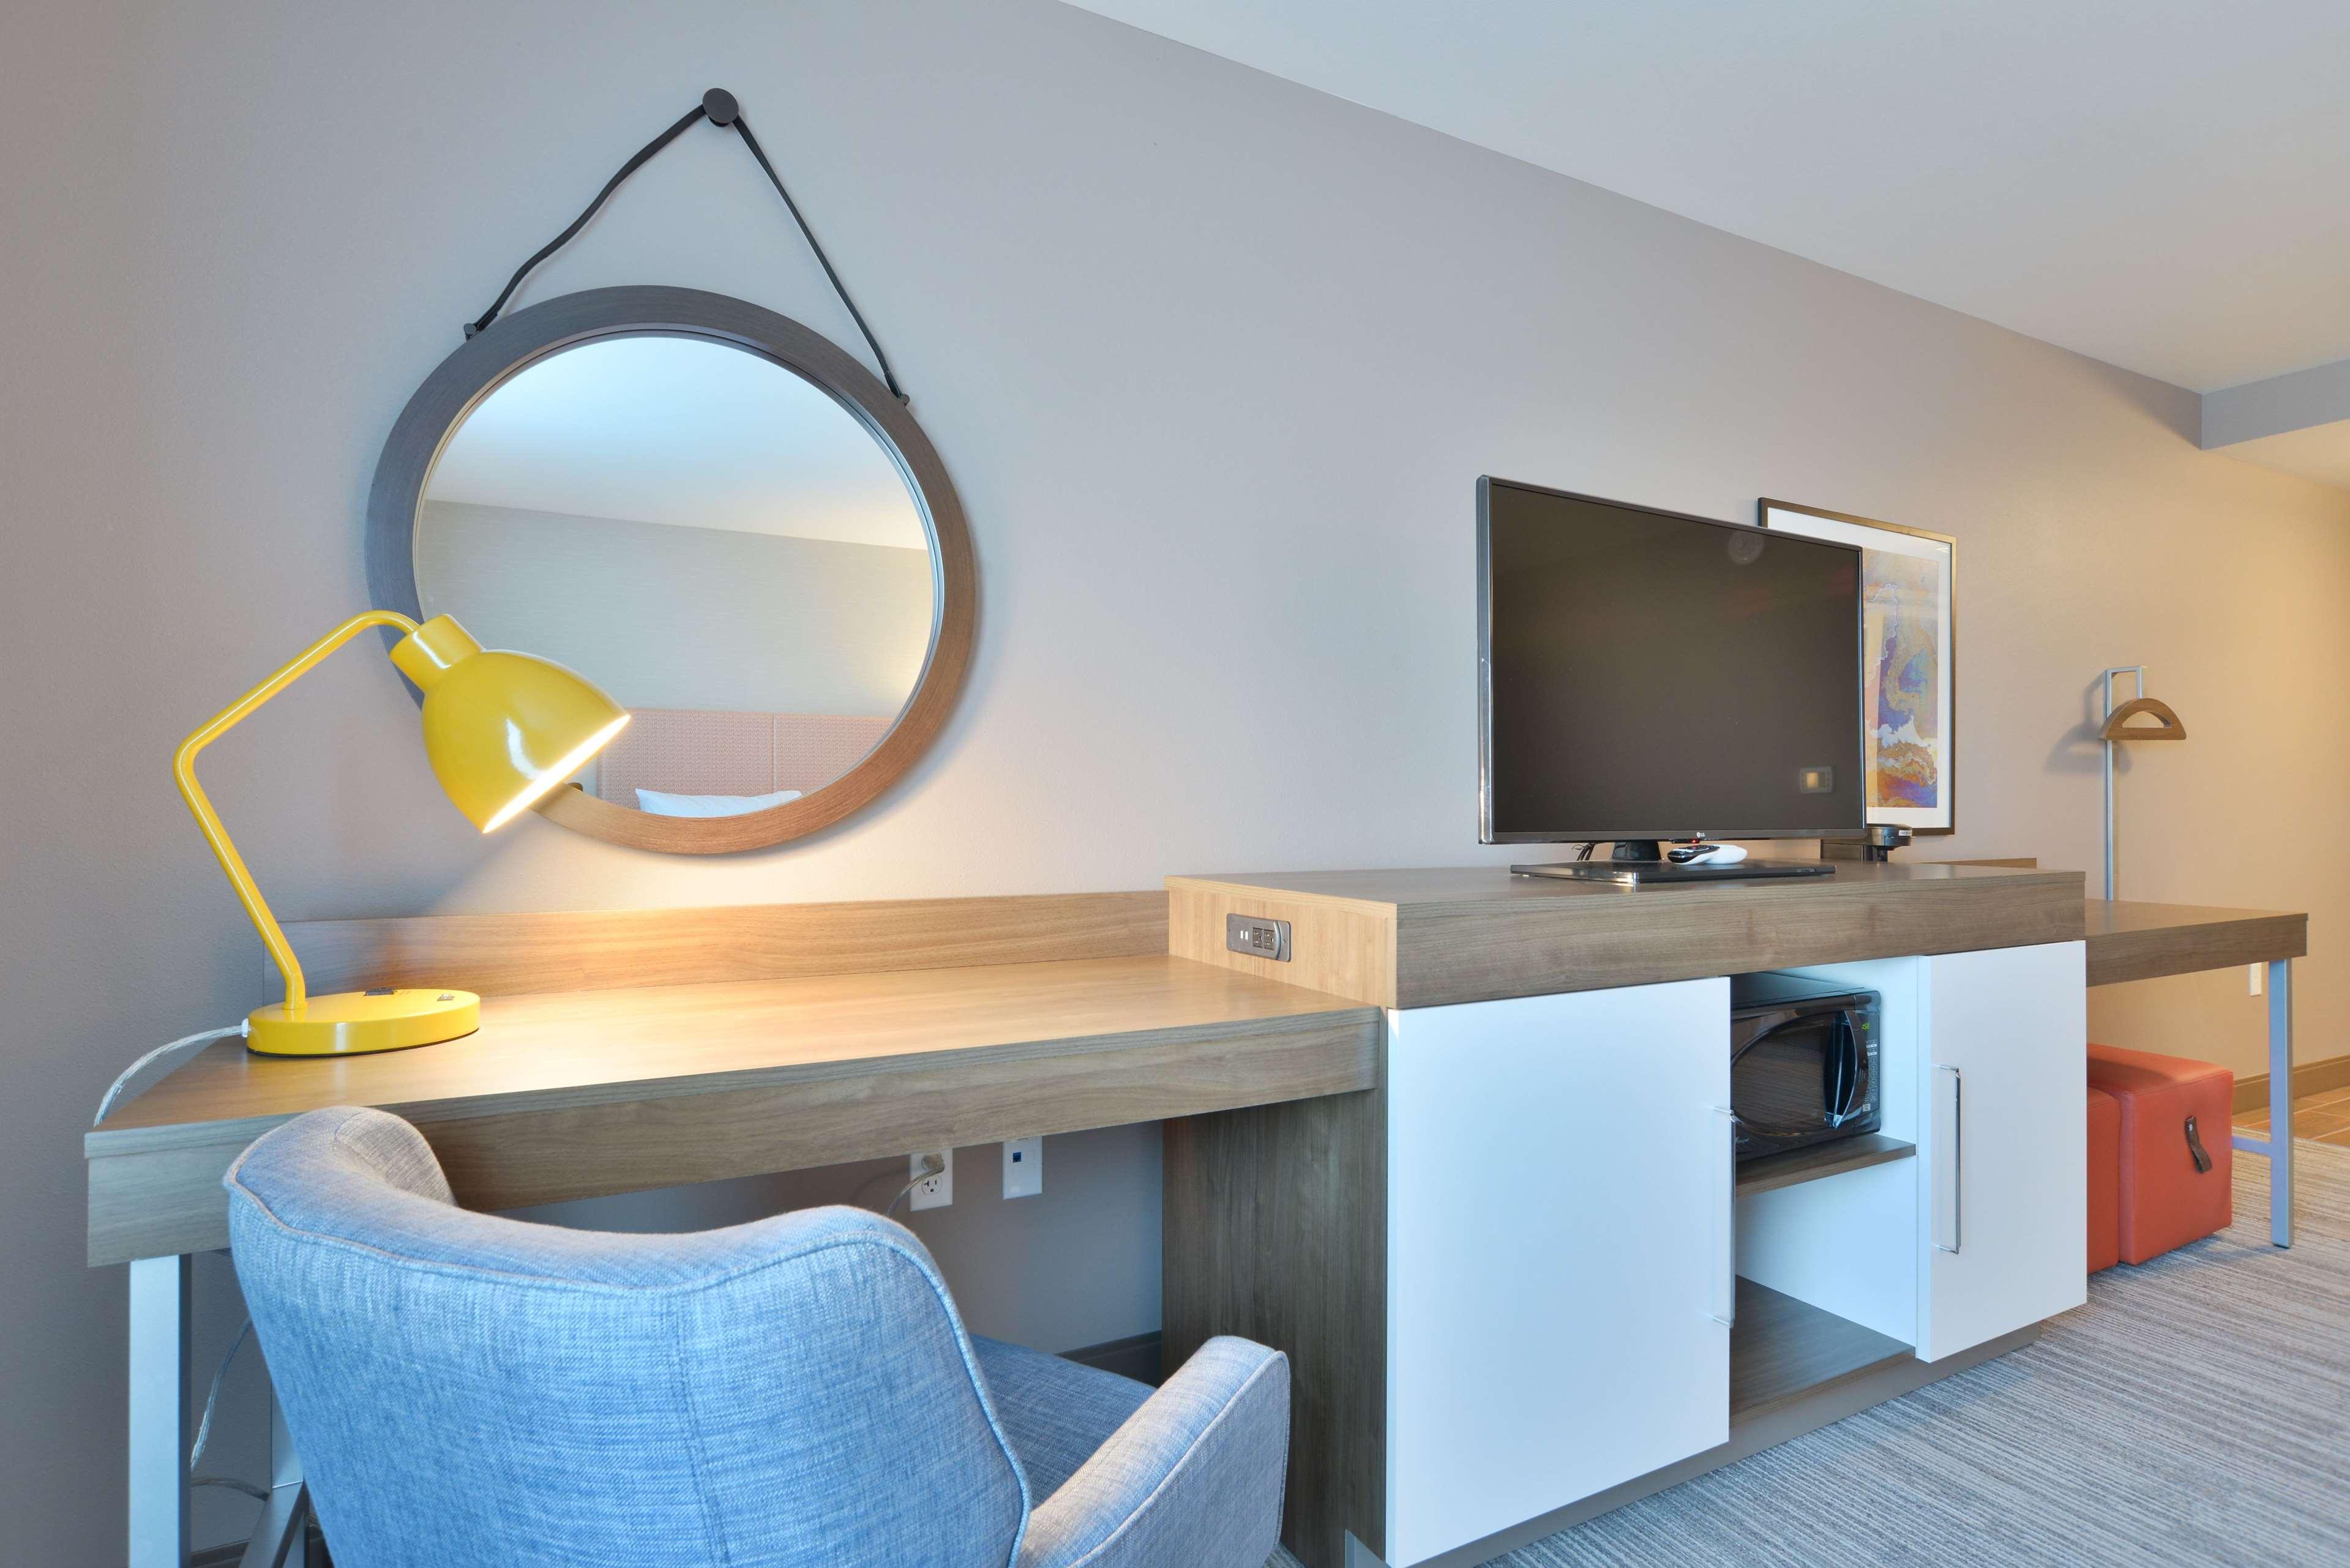 Hampton Inn & Suites Menomonie-UW Stout image 20